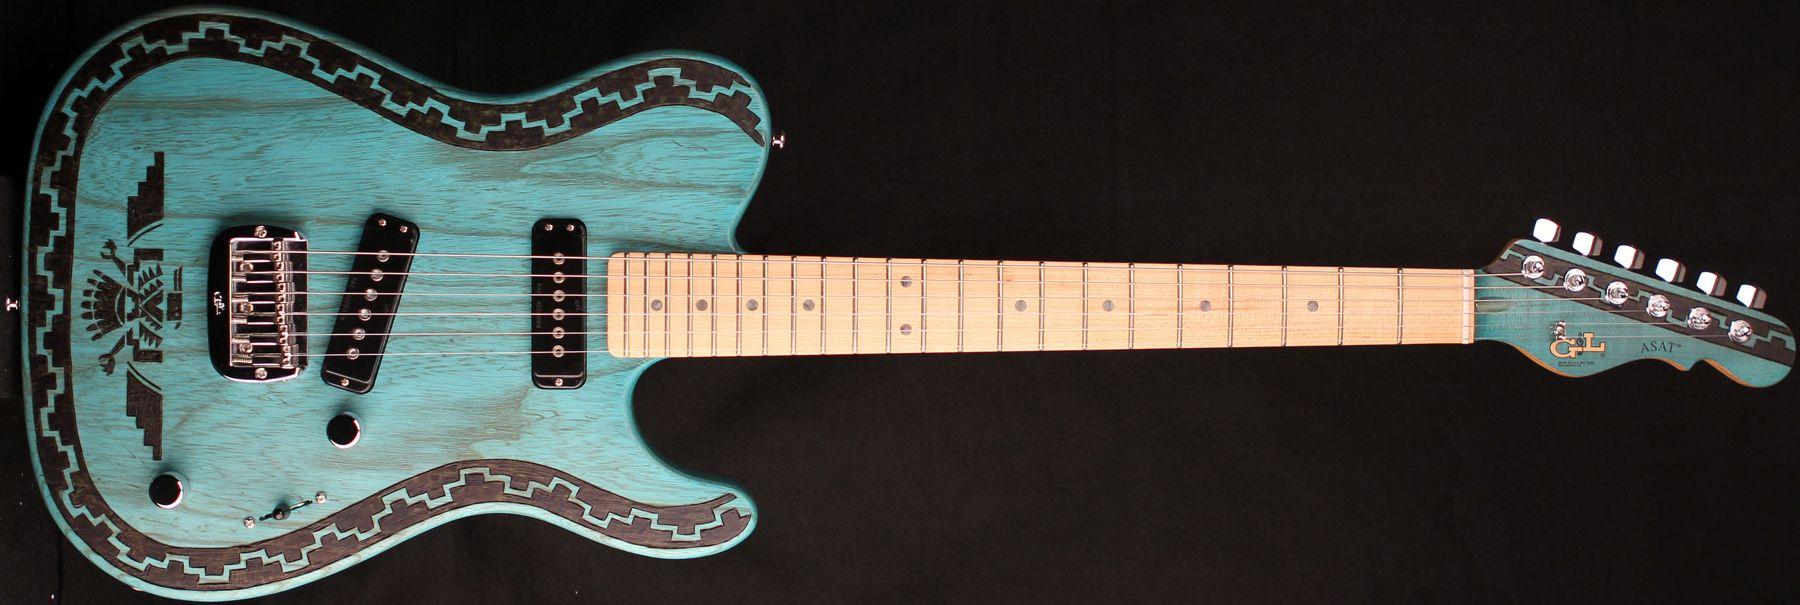 Gl guitar prototypes gl guitars guitar bass